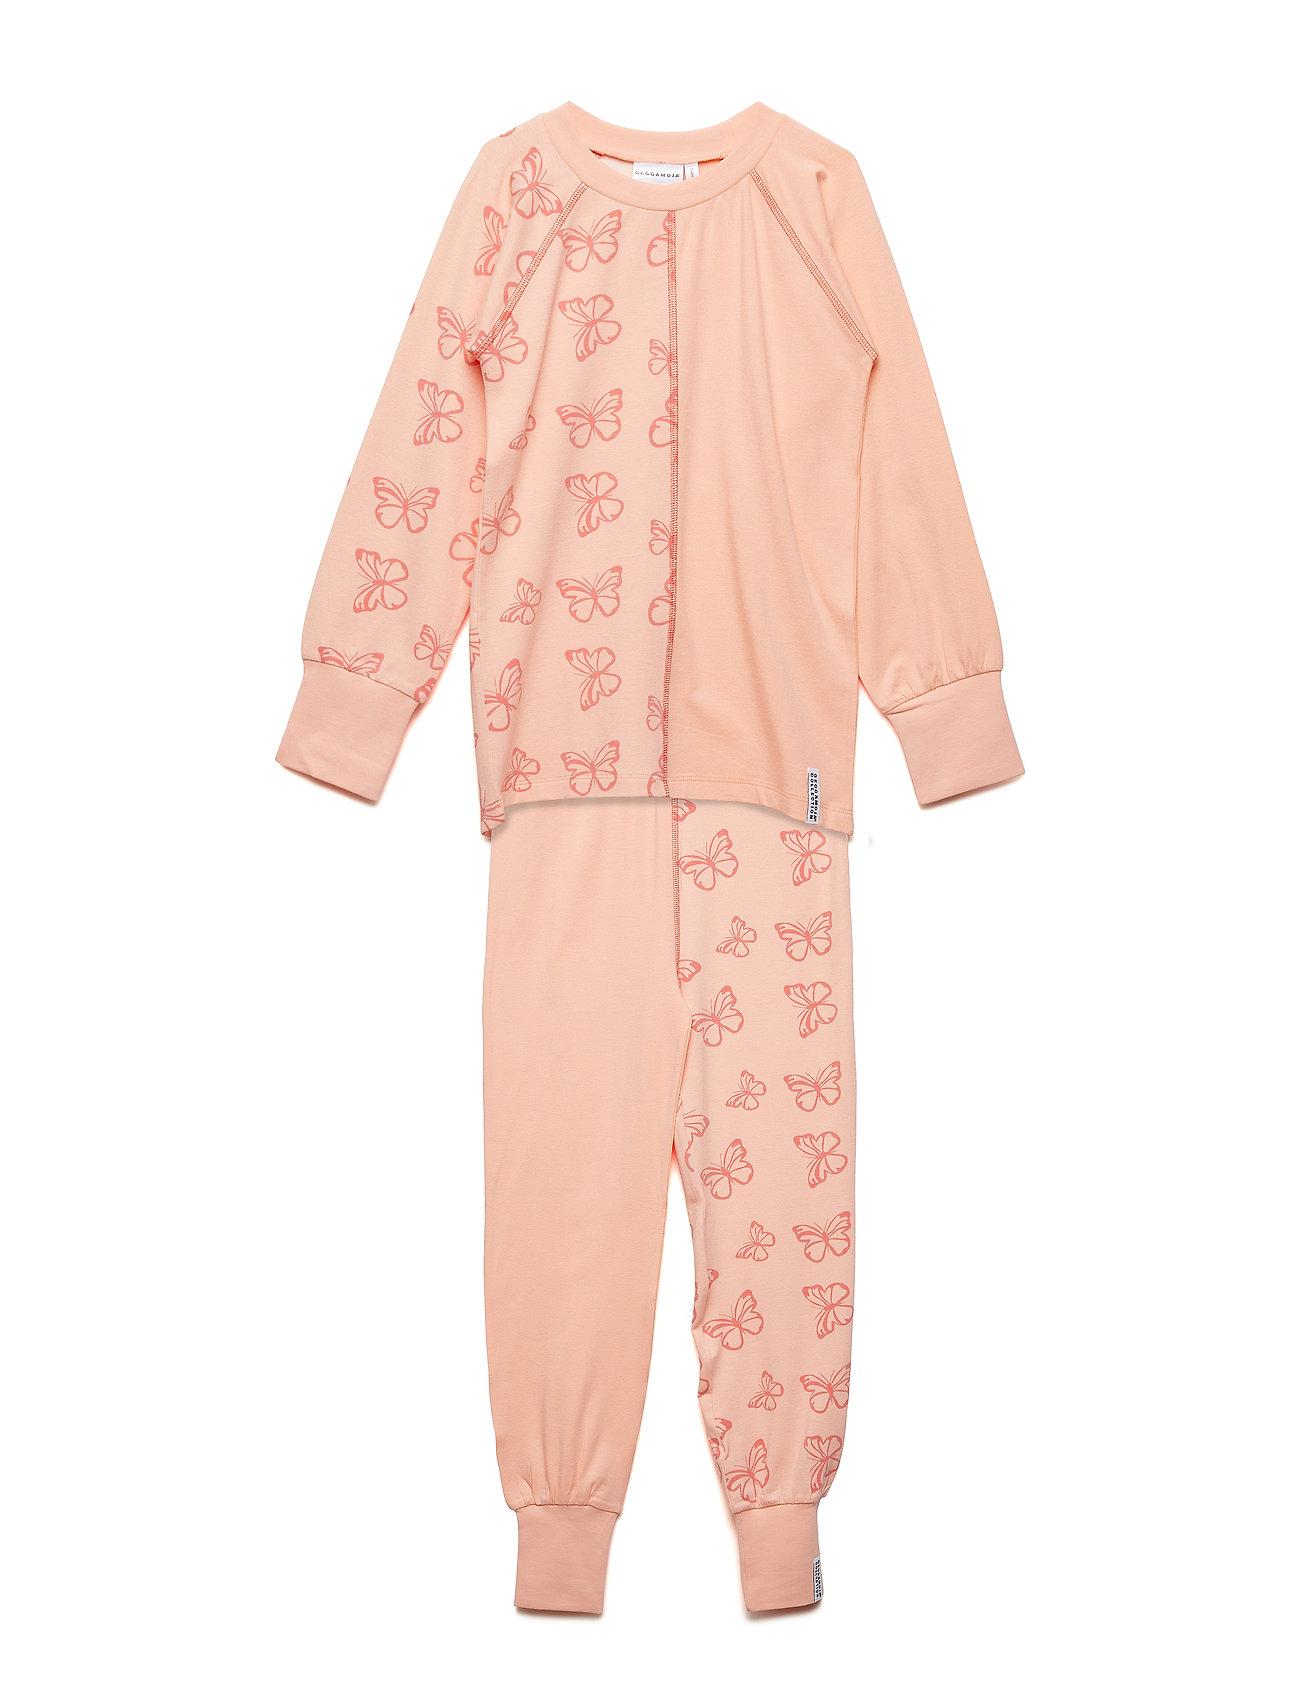 Image of Two Piece Pyjamas (3123579009)